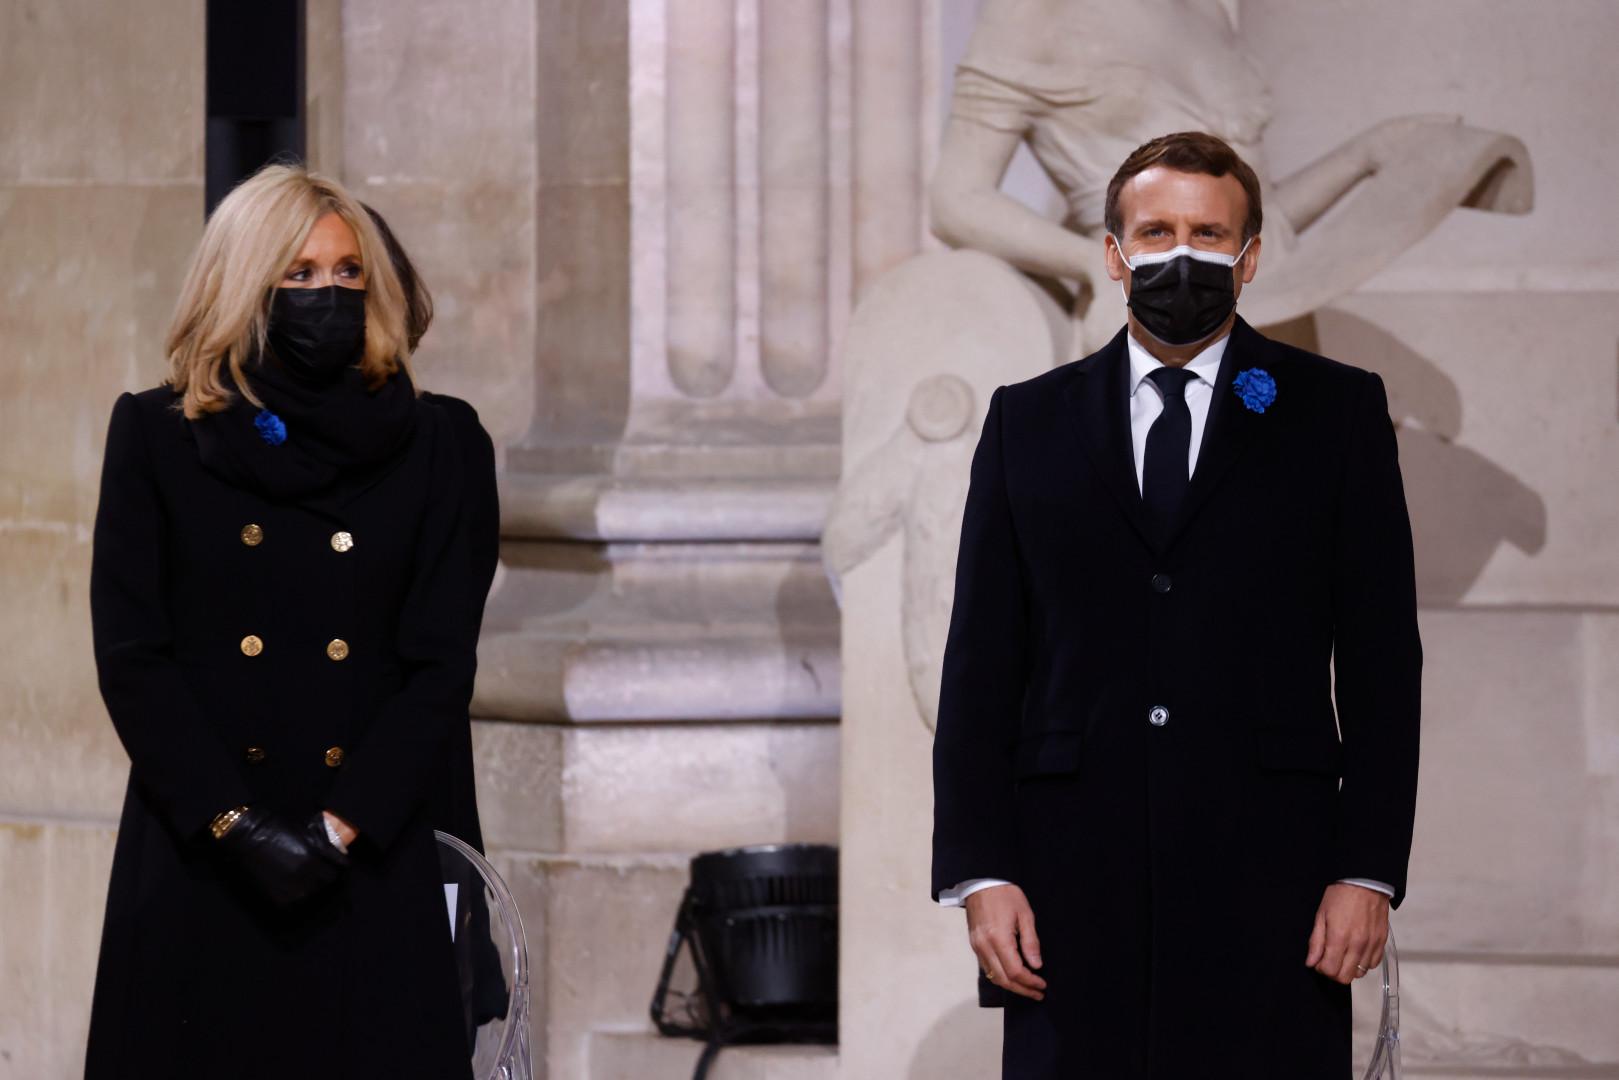 Brigitte et Emmanuel Macron ont tous les deux été testés positifs, respectivement les 9 janvier 2021 et 17 décembre 2020